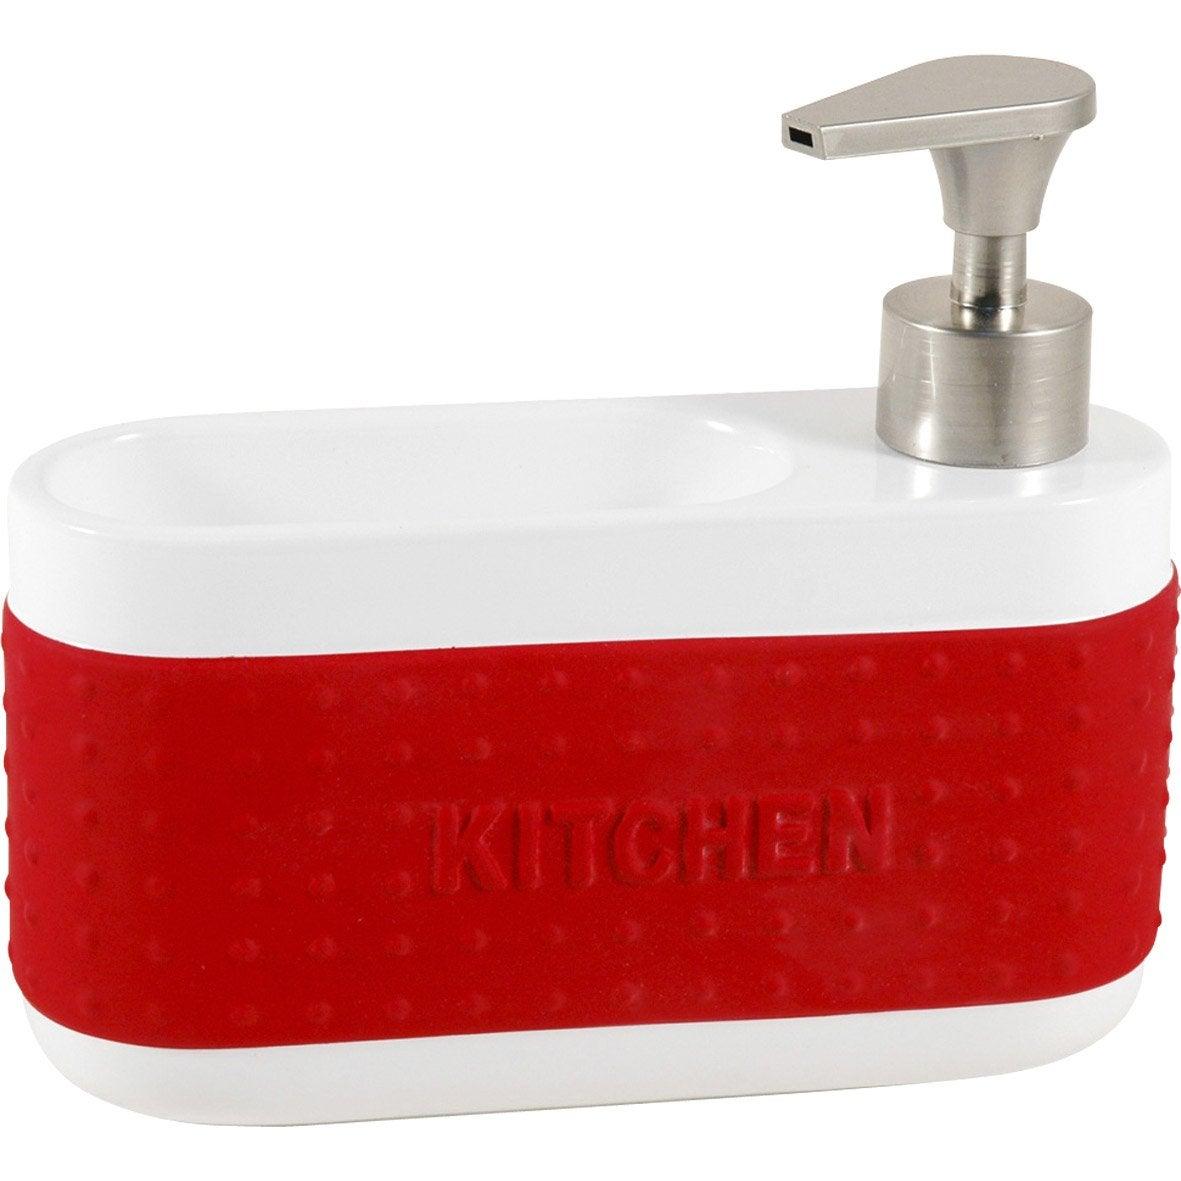 Distributeur de savon céramique avec porte-éponge rouge-rouge n°3